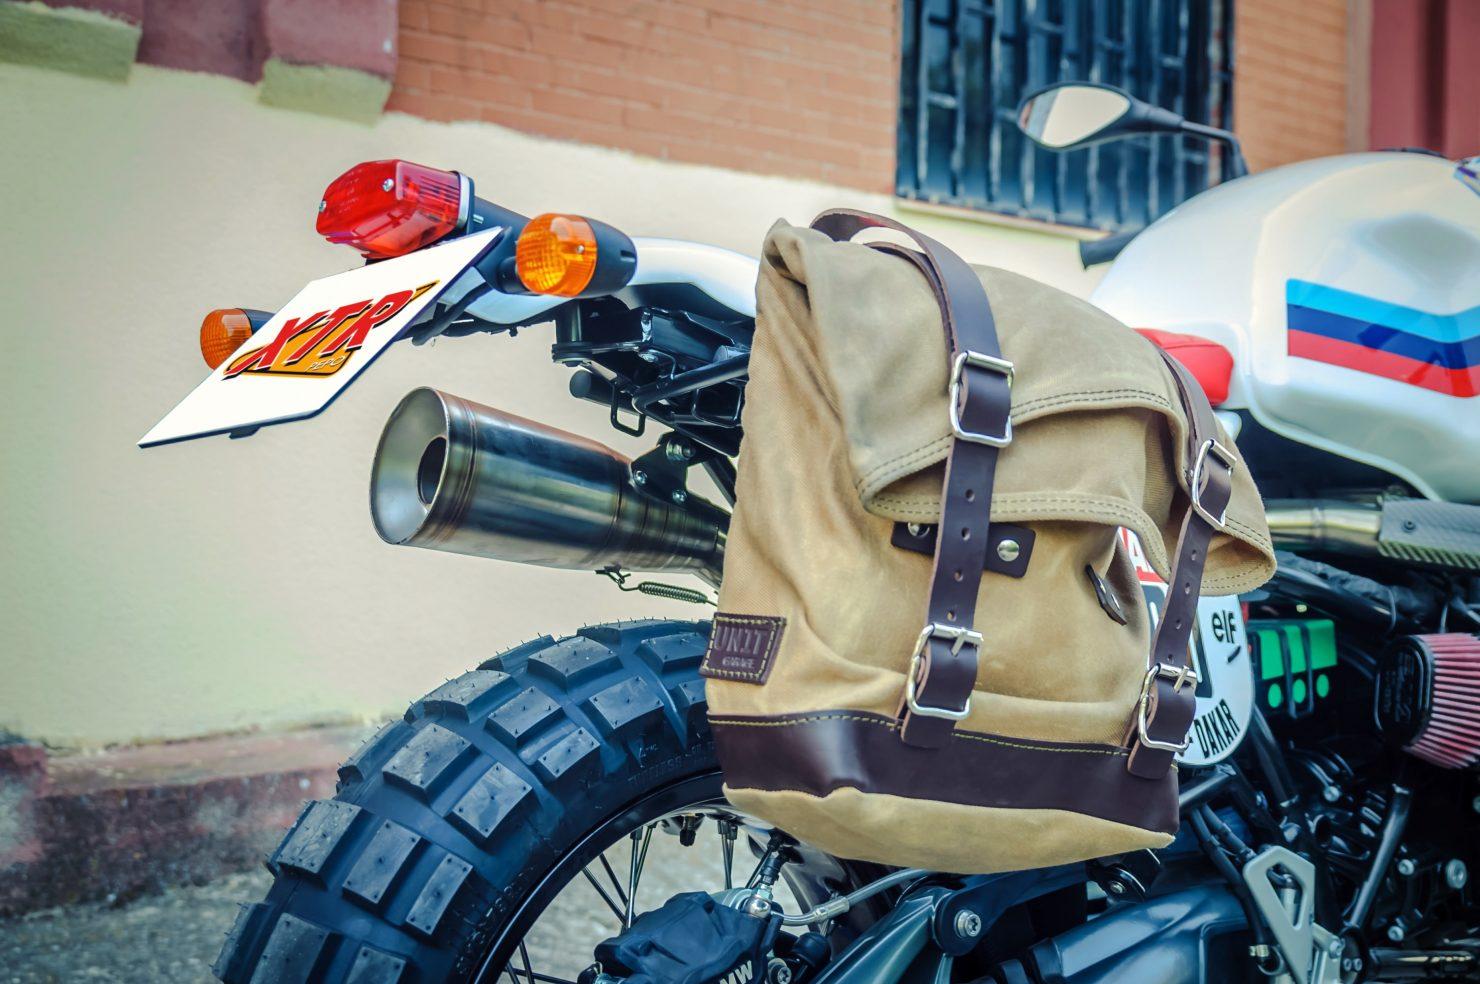 BMW R Nine T Custom Motorbike 2 1480x984 - XTR Pepo BMW R nineT Paris Dakar